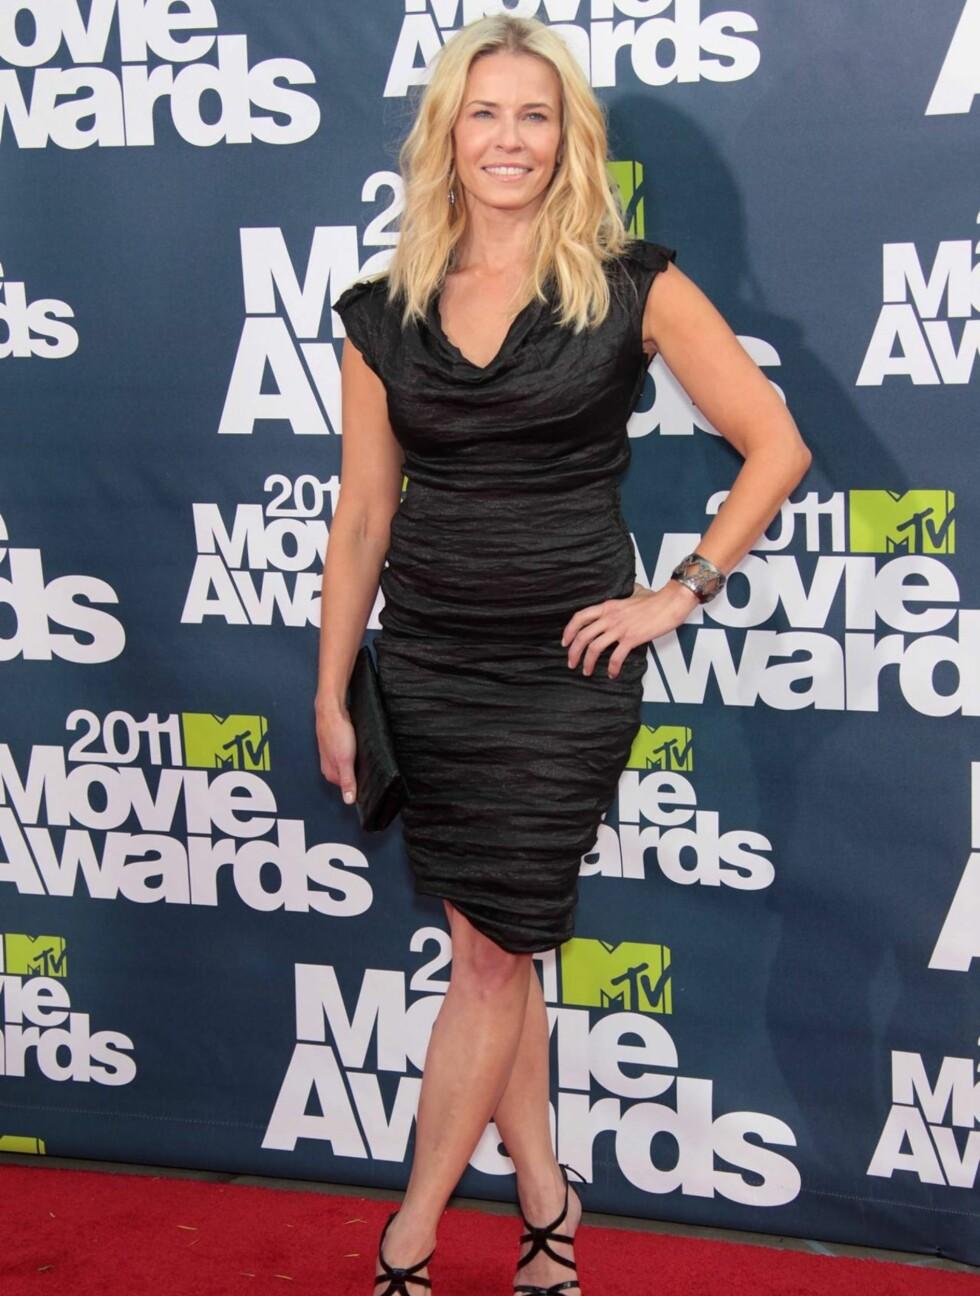 <strong>SMILTE BREDT:</strong> Komikeren Chelsea Handler kom i kjole av merket Lanvin. Foto: All Over Press